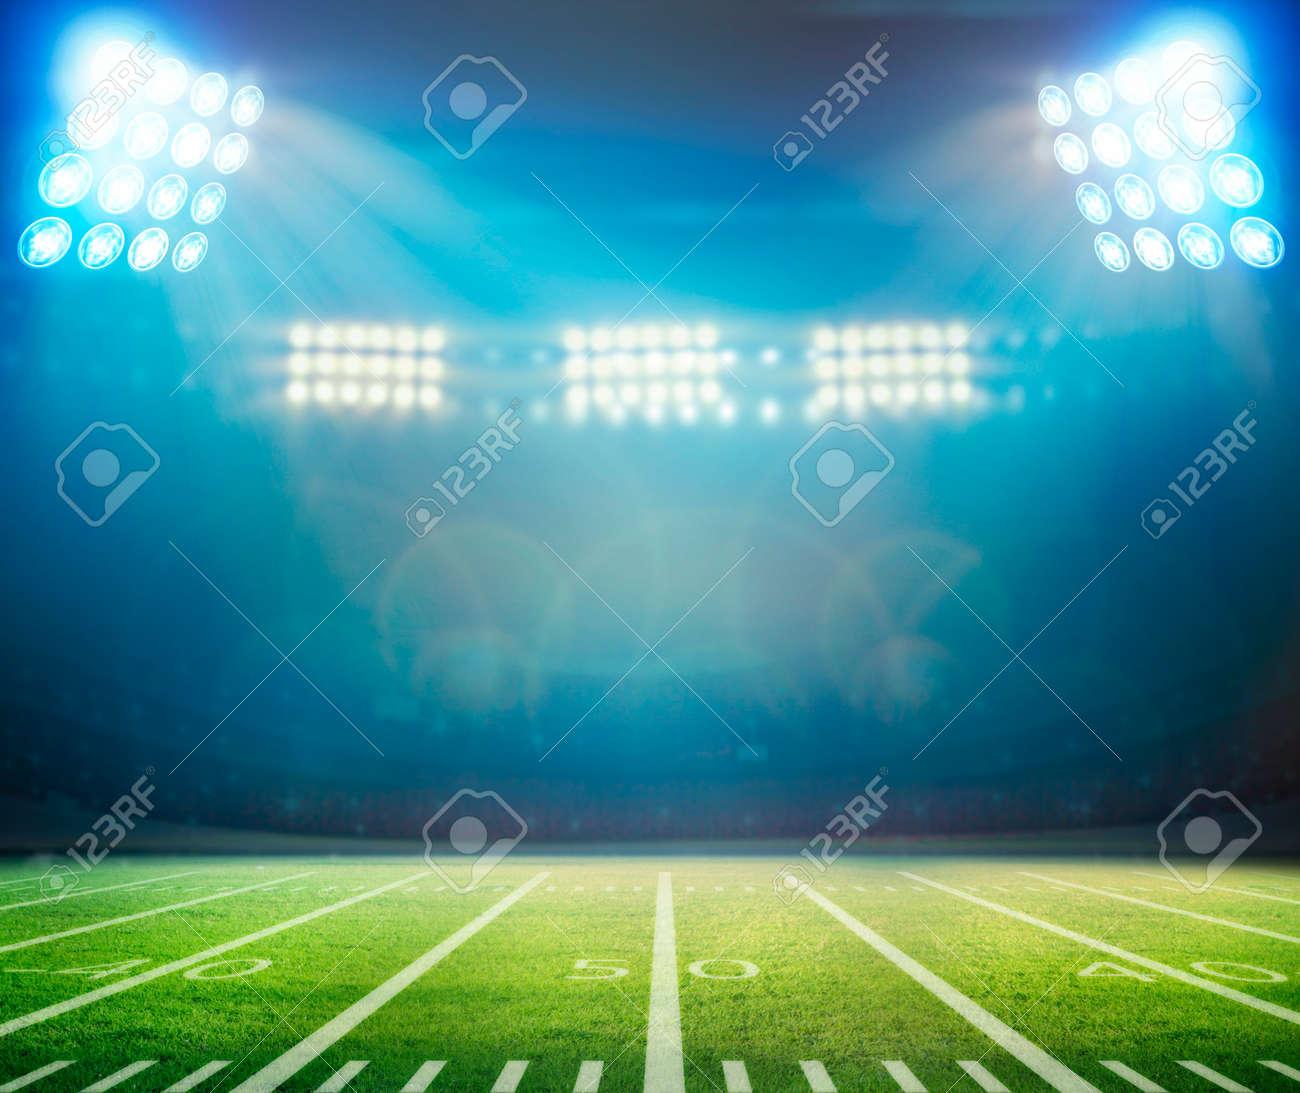 light of stadium - 32843721